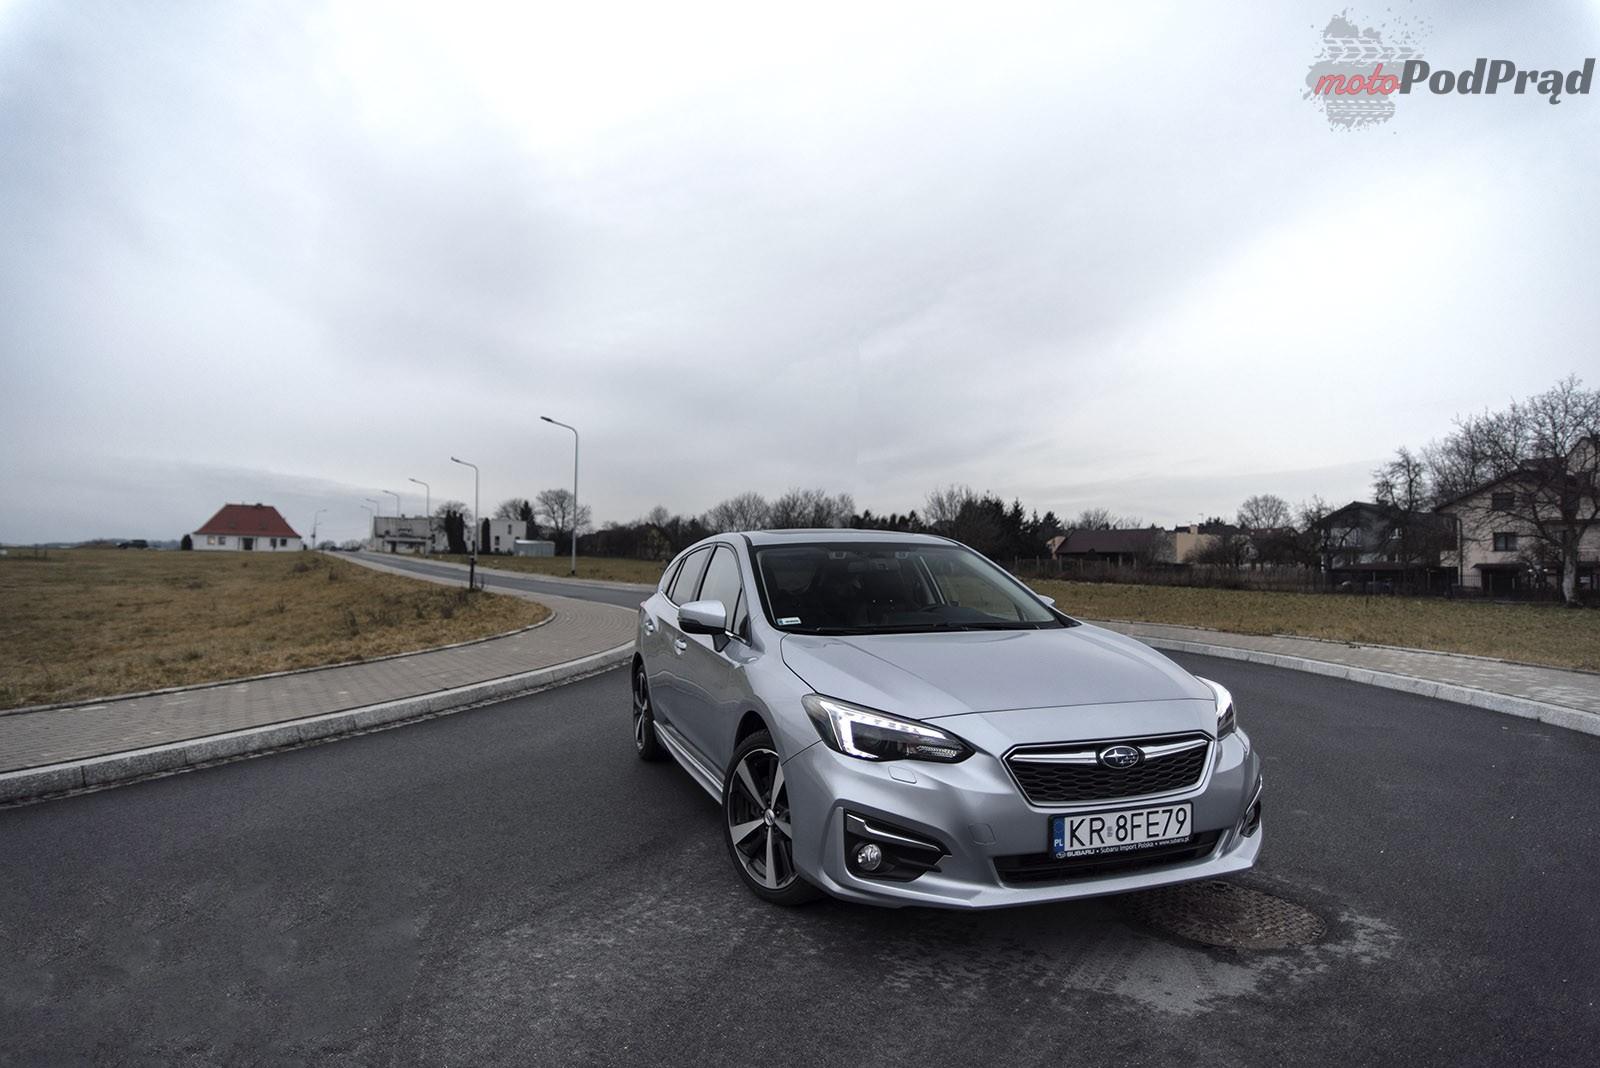 Subaru Impreza 9 Test: Subaru Impreza 2.0 AWD 156 KM   w dobrą stronę